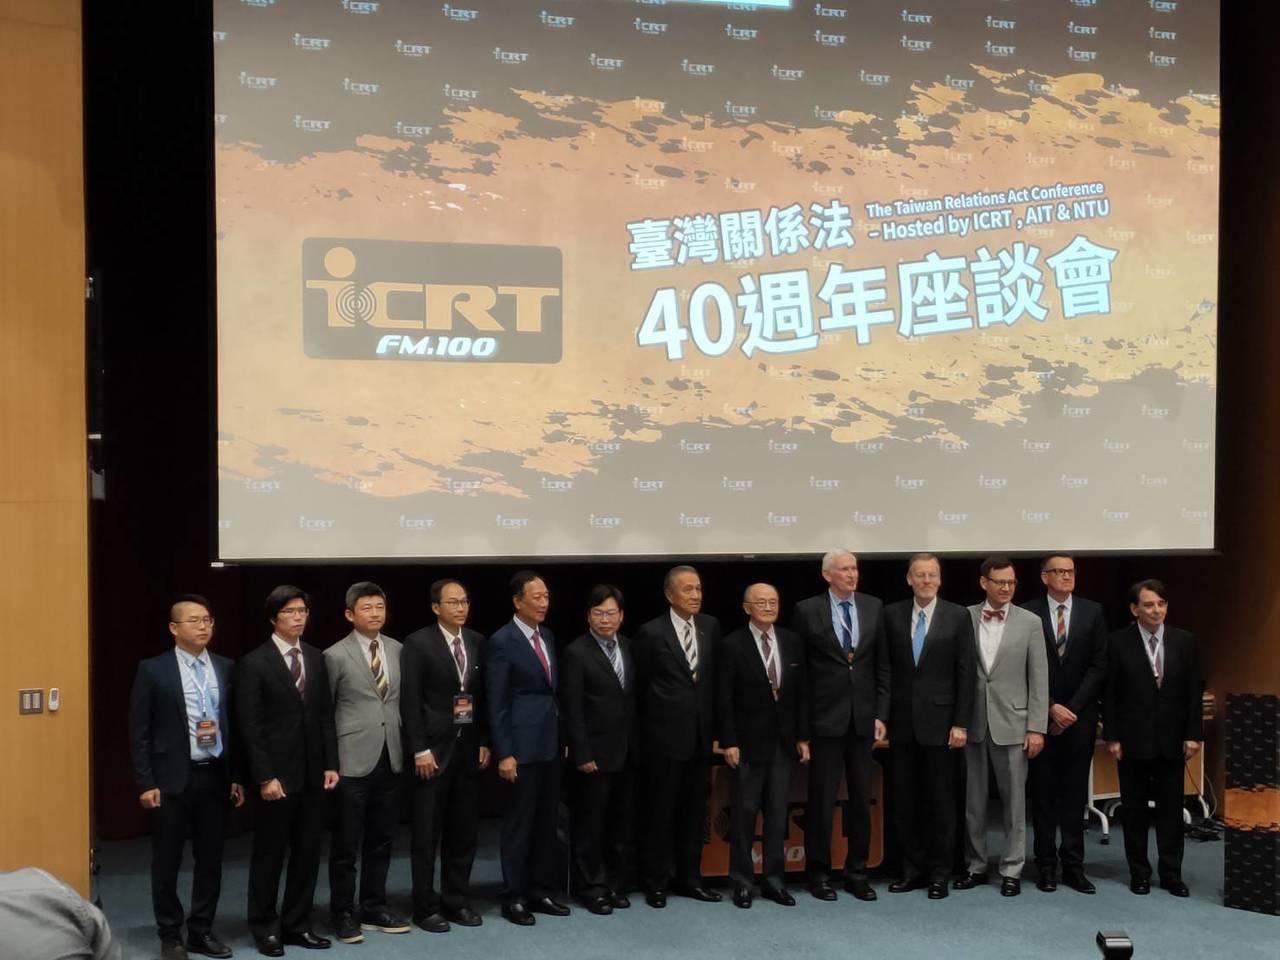 ICRT、AIT和台灣大學今天舉辦「台灣關係法40周年座談會」。記者徐偉真/攝影